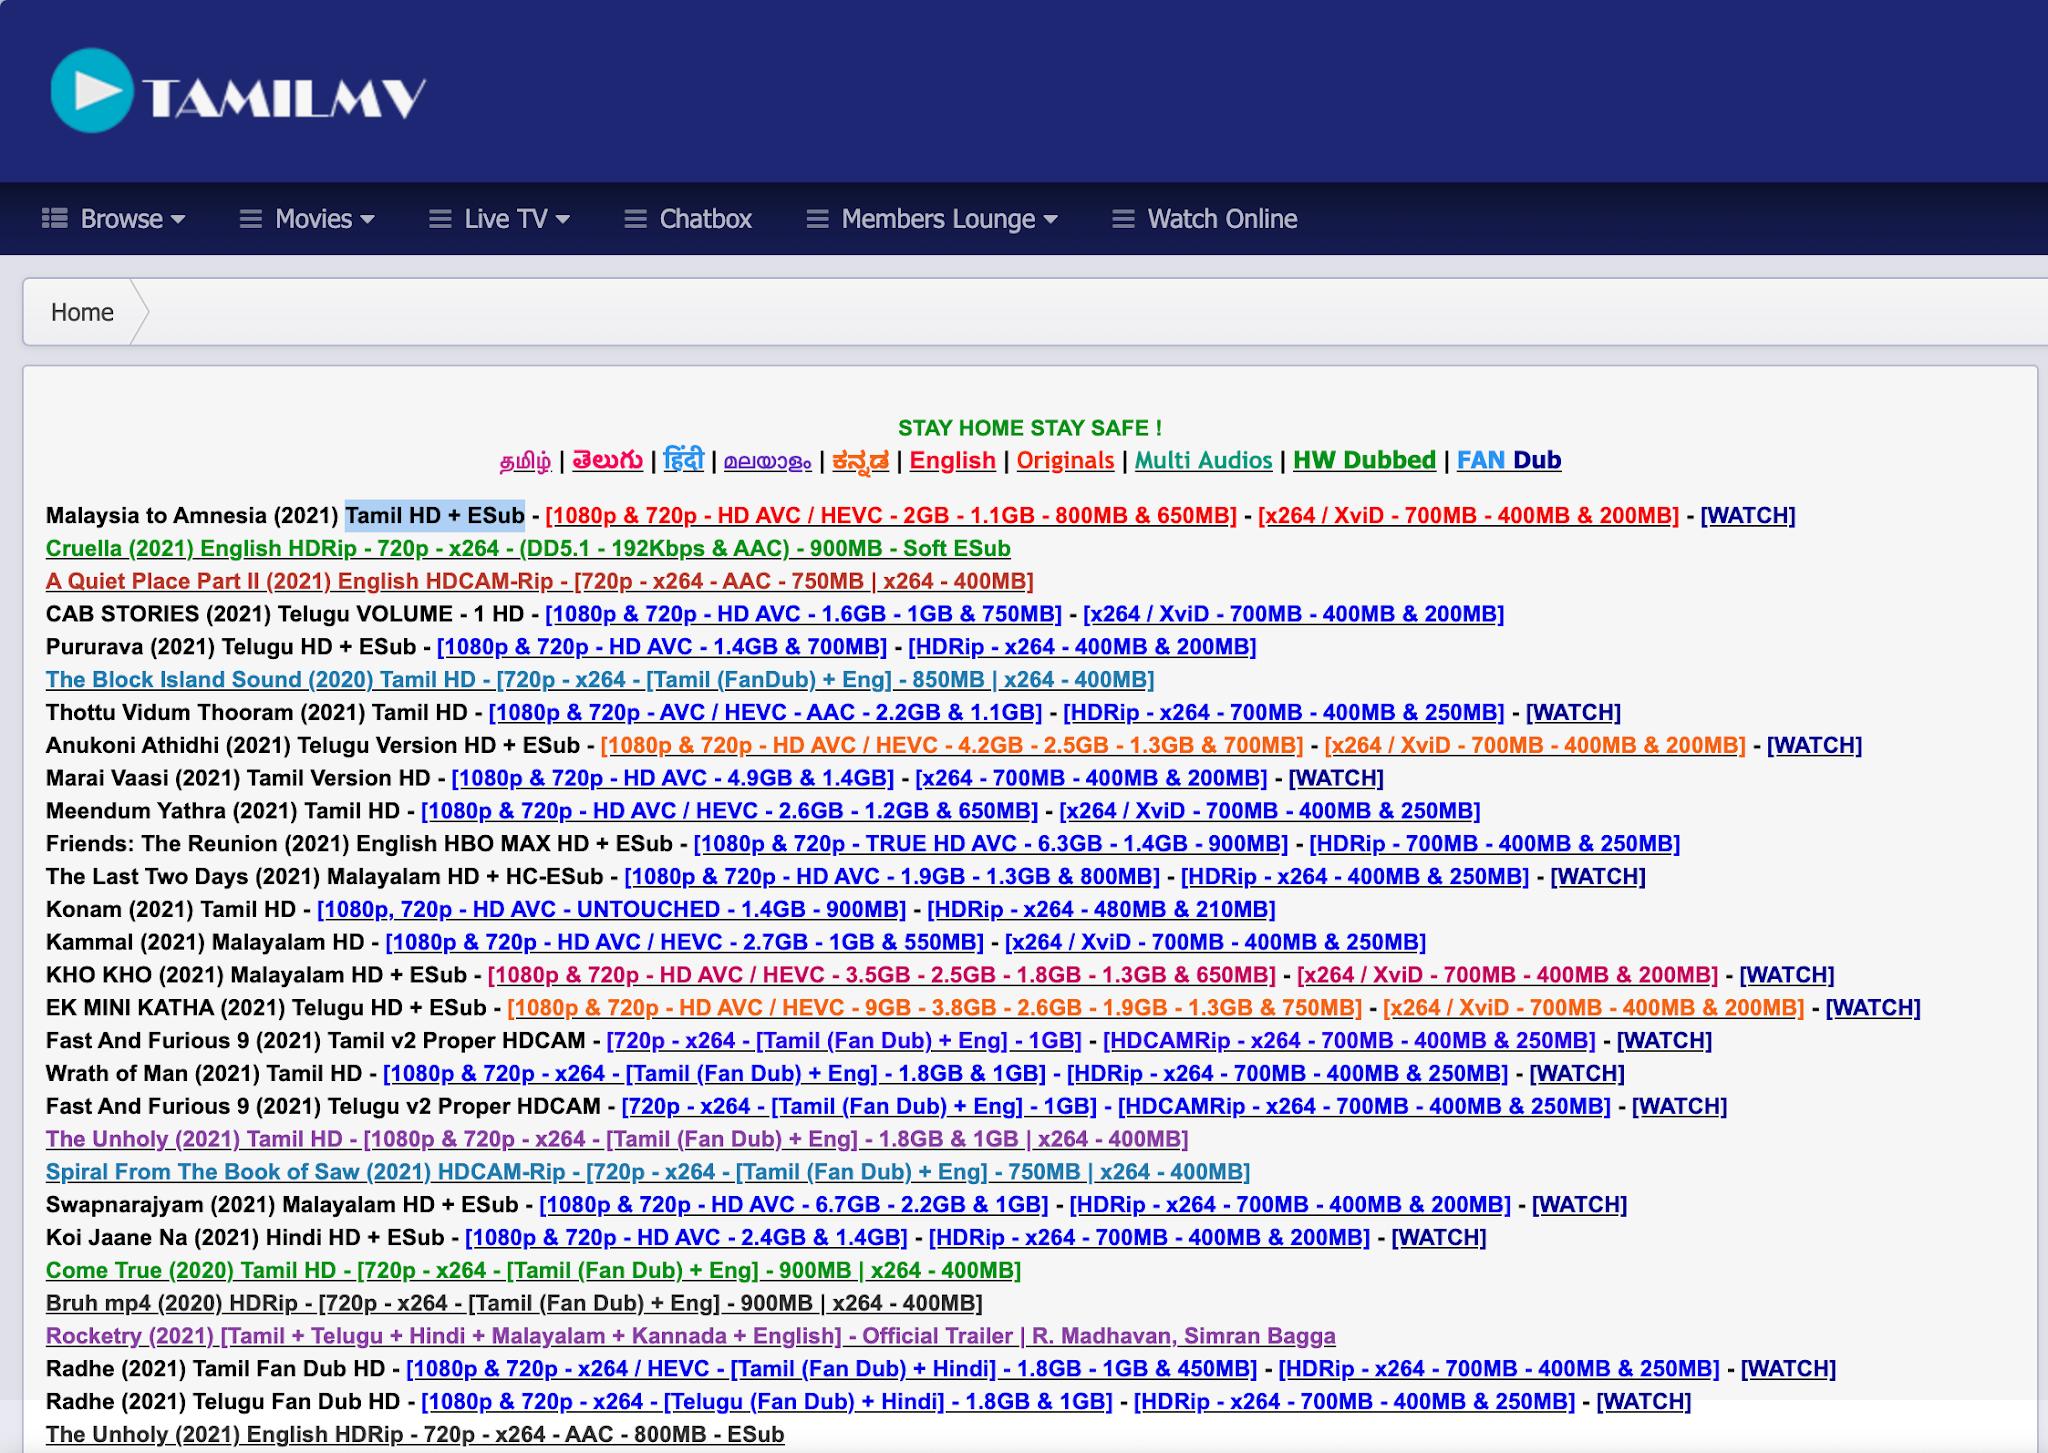 1TamilMV Website 2021